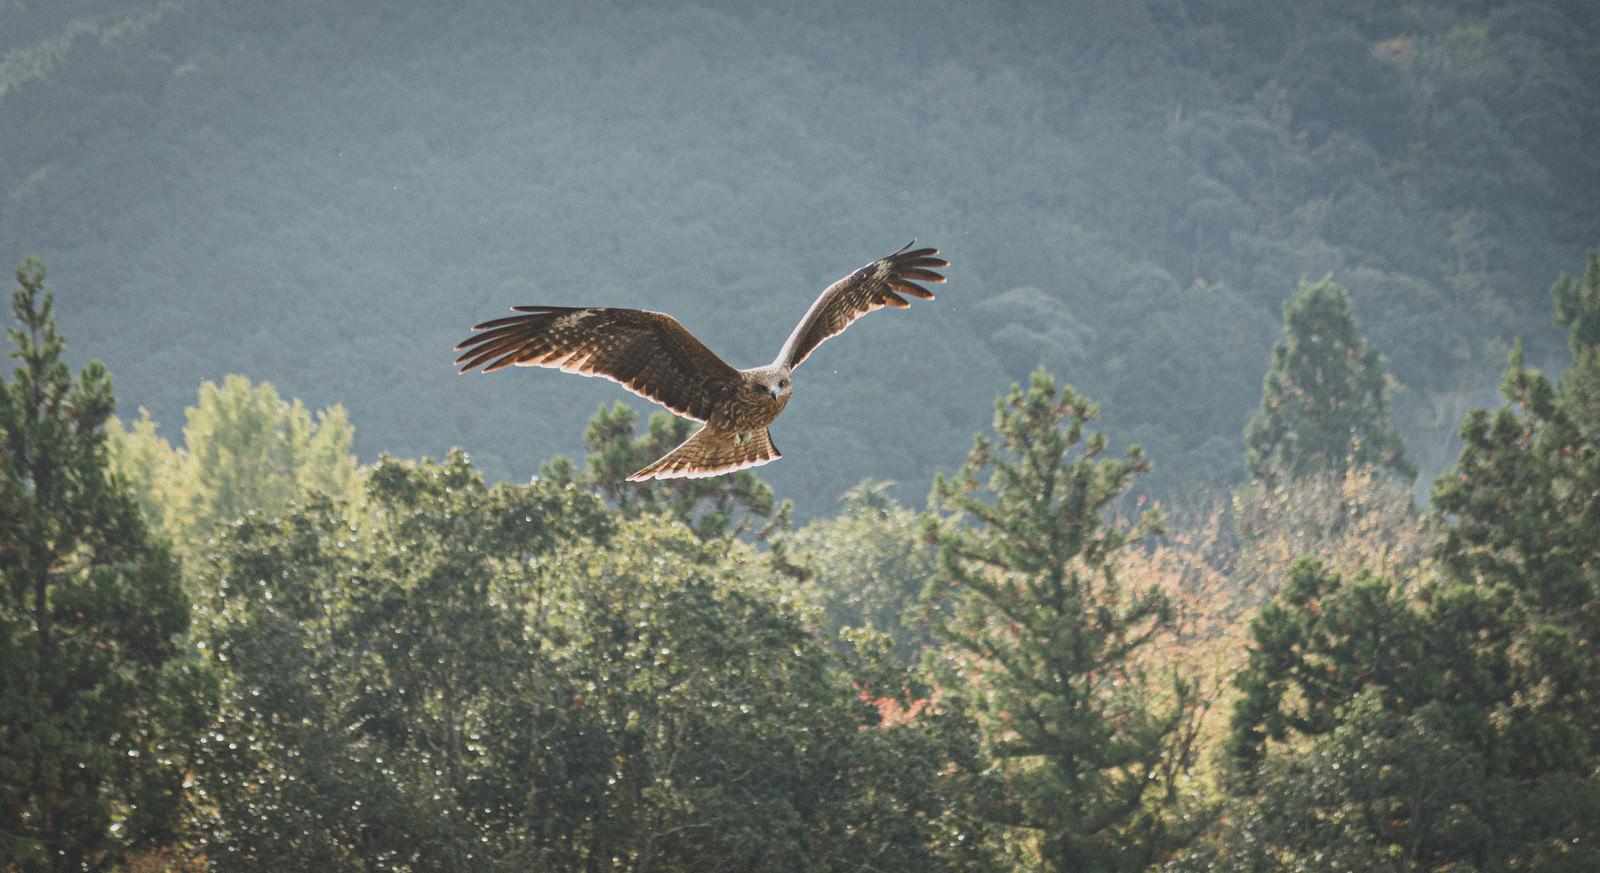 「大きな翼を広げるトビ」の写真